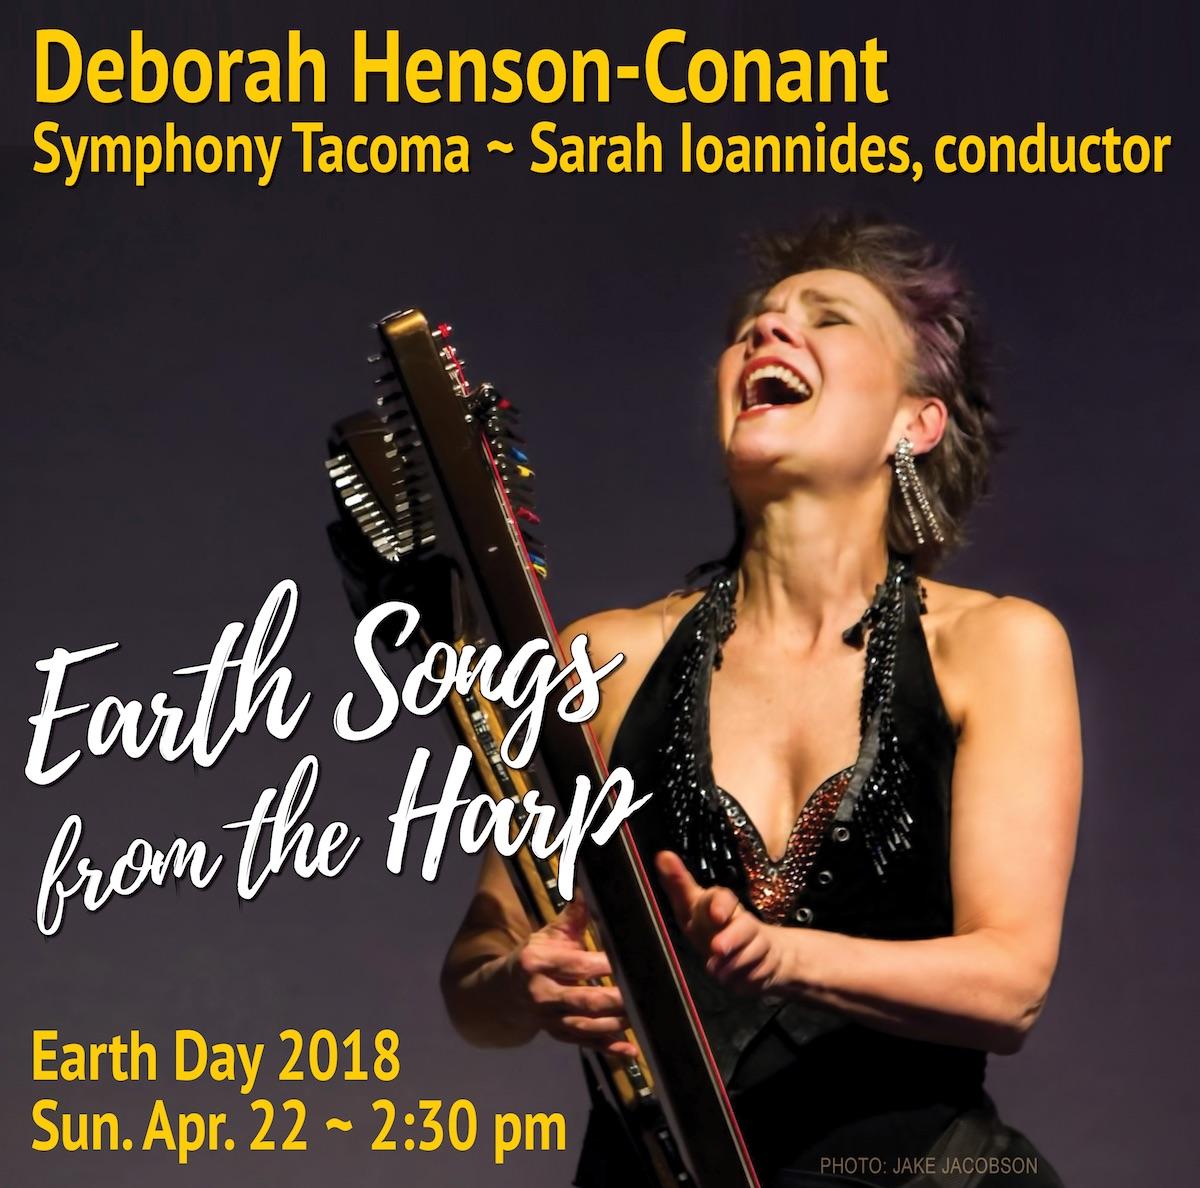 Deborah Henson-Conant LIVE with Symphony Tacoma